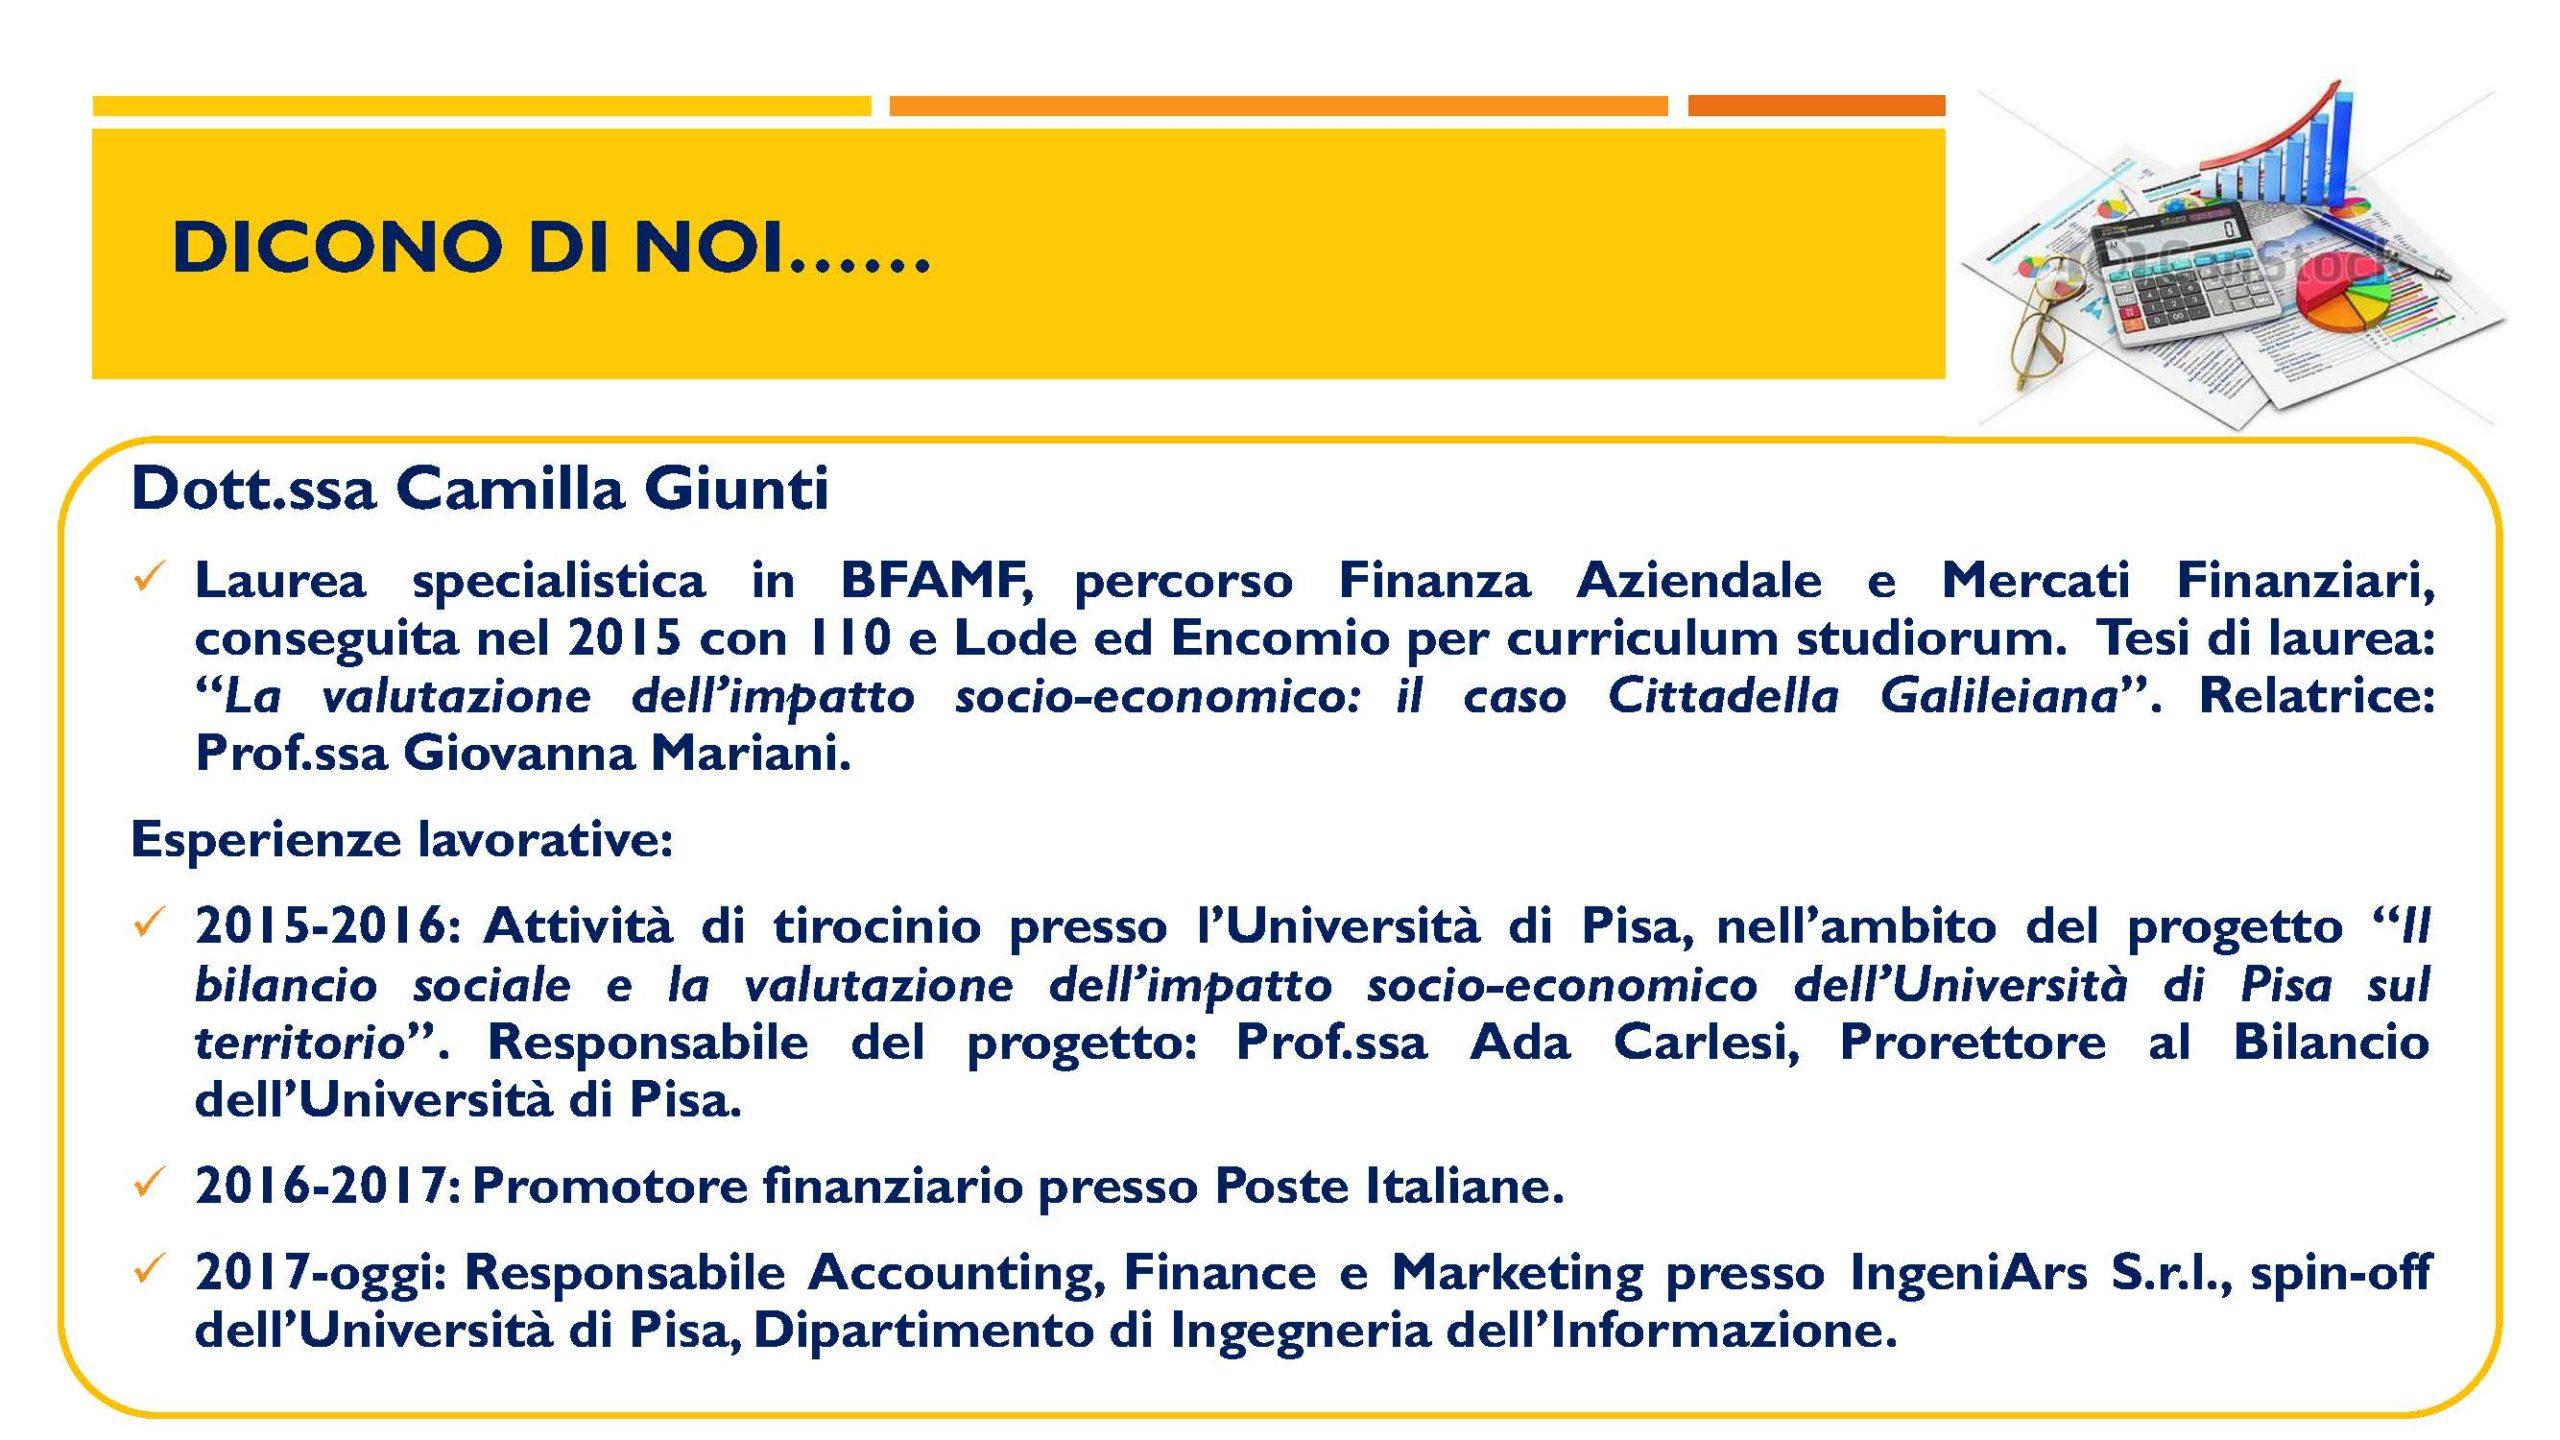 Corso di Laurea Magistrale in Banca, Finanza Aziendale e Mercati Finanziari